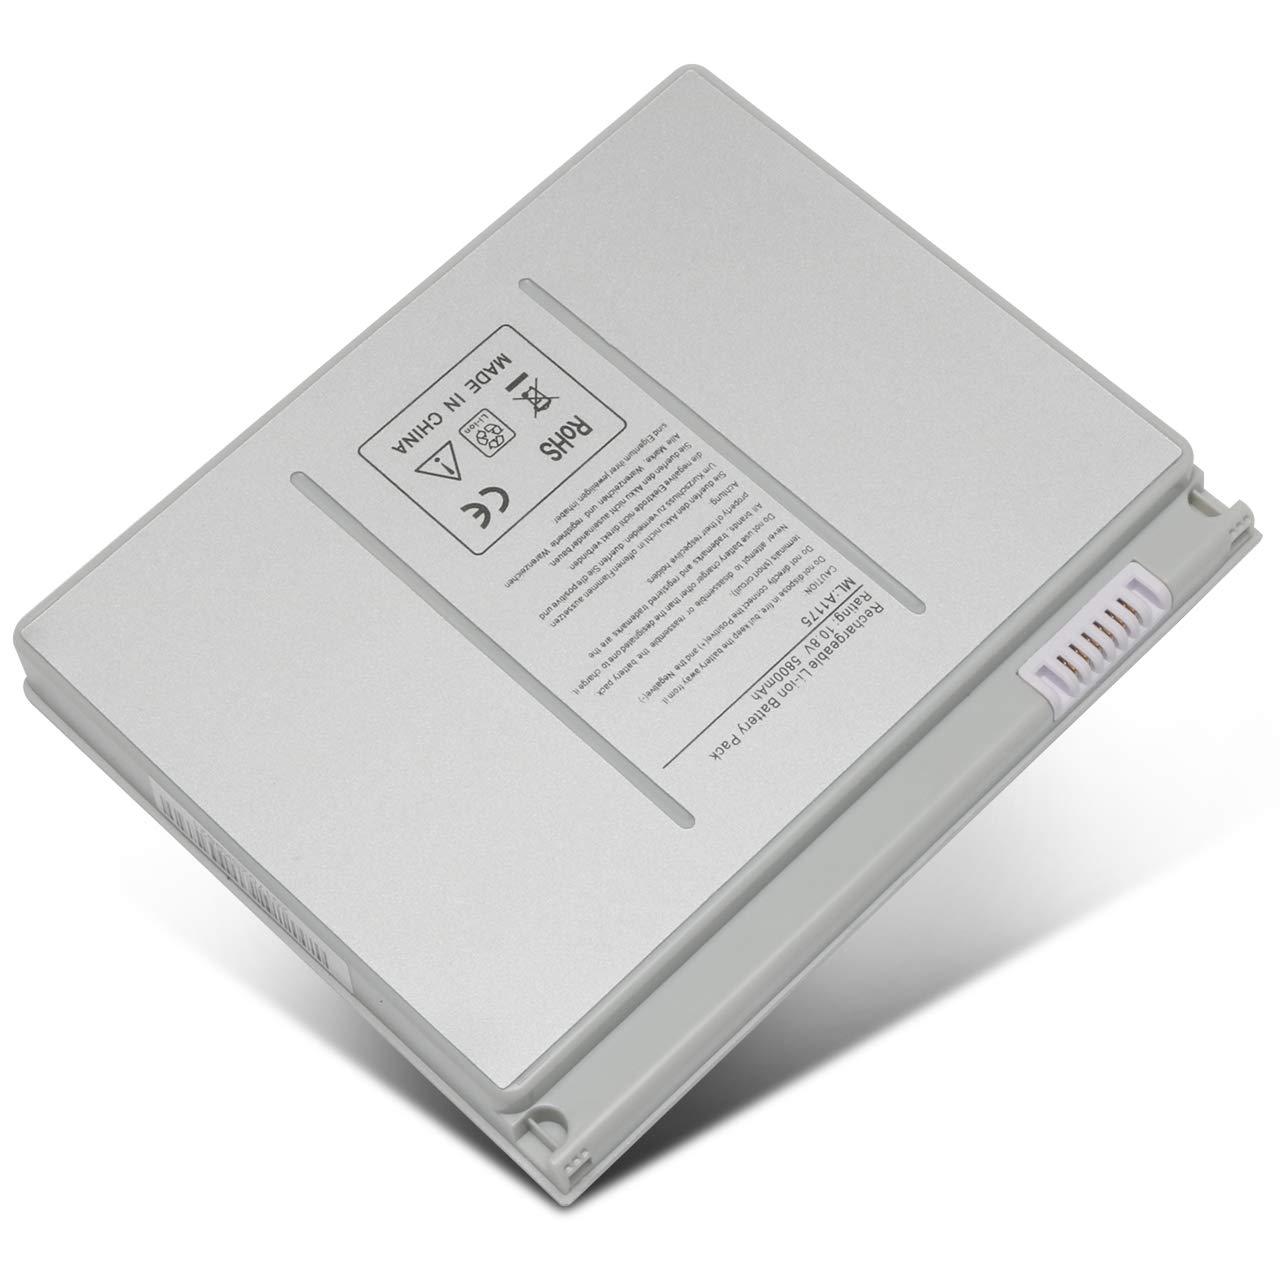 Bateria A1175 MacBook Pro 15 A1211 A1150 A1226 A1260 MA348G/